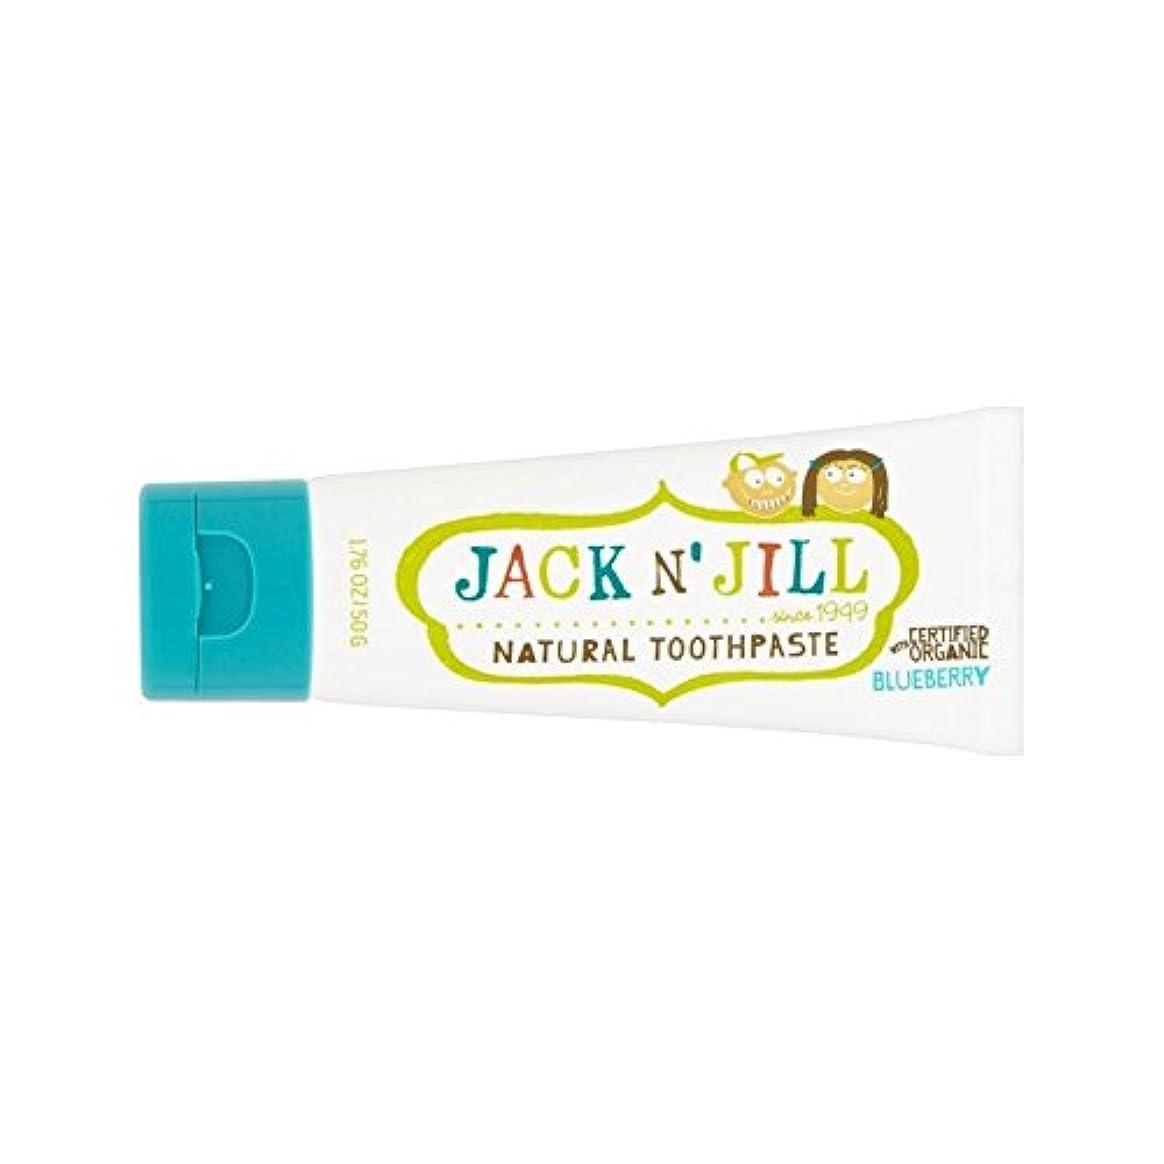 代替任意金銭的有機香味50グラムとの自然なブルーベリー歯磨き粉 (Jack N Jill) - Jack N' Jill Blueberry Toothpaste Natural with Organic Flavouring 50g...